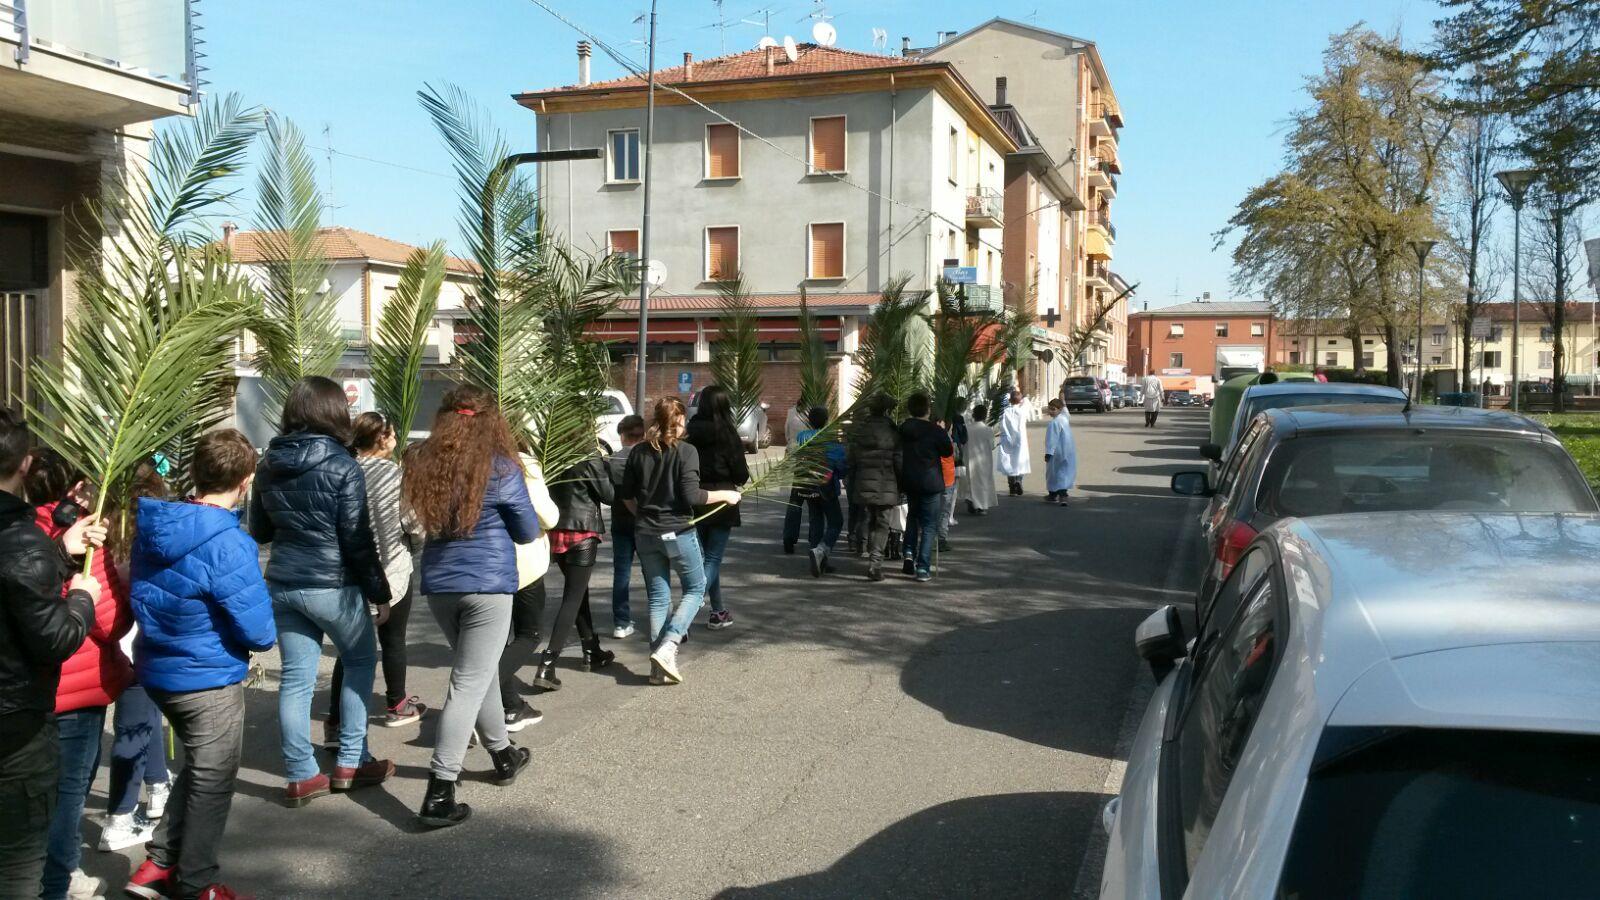 La processione verso la Chiesa.